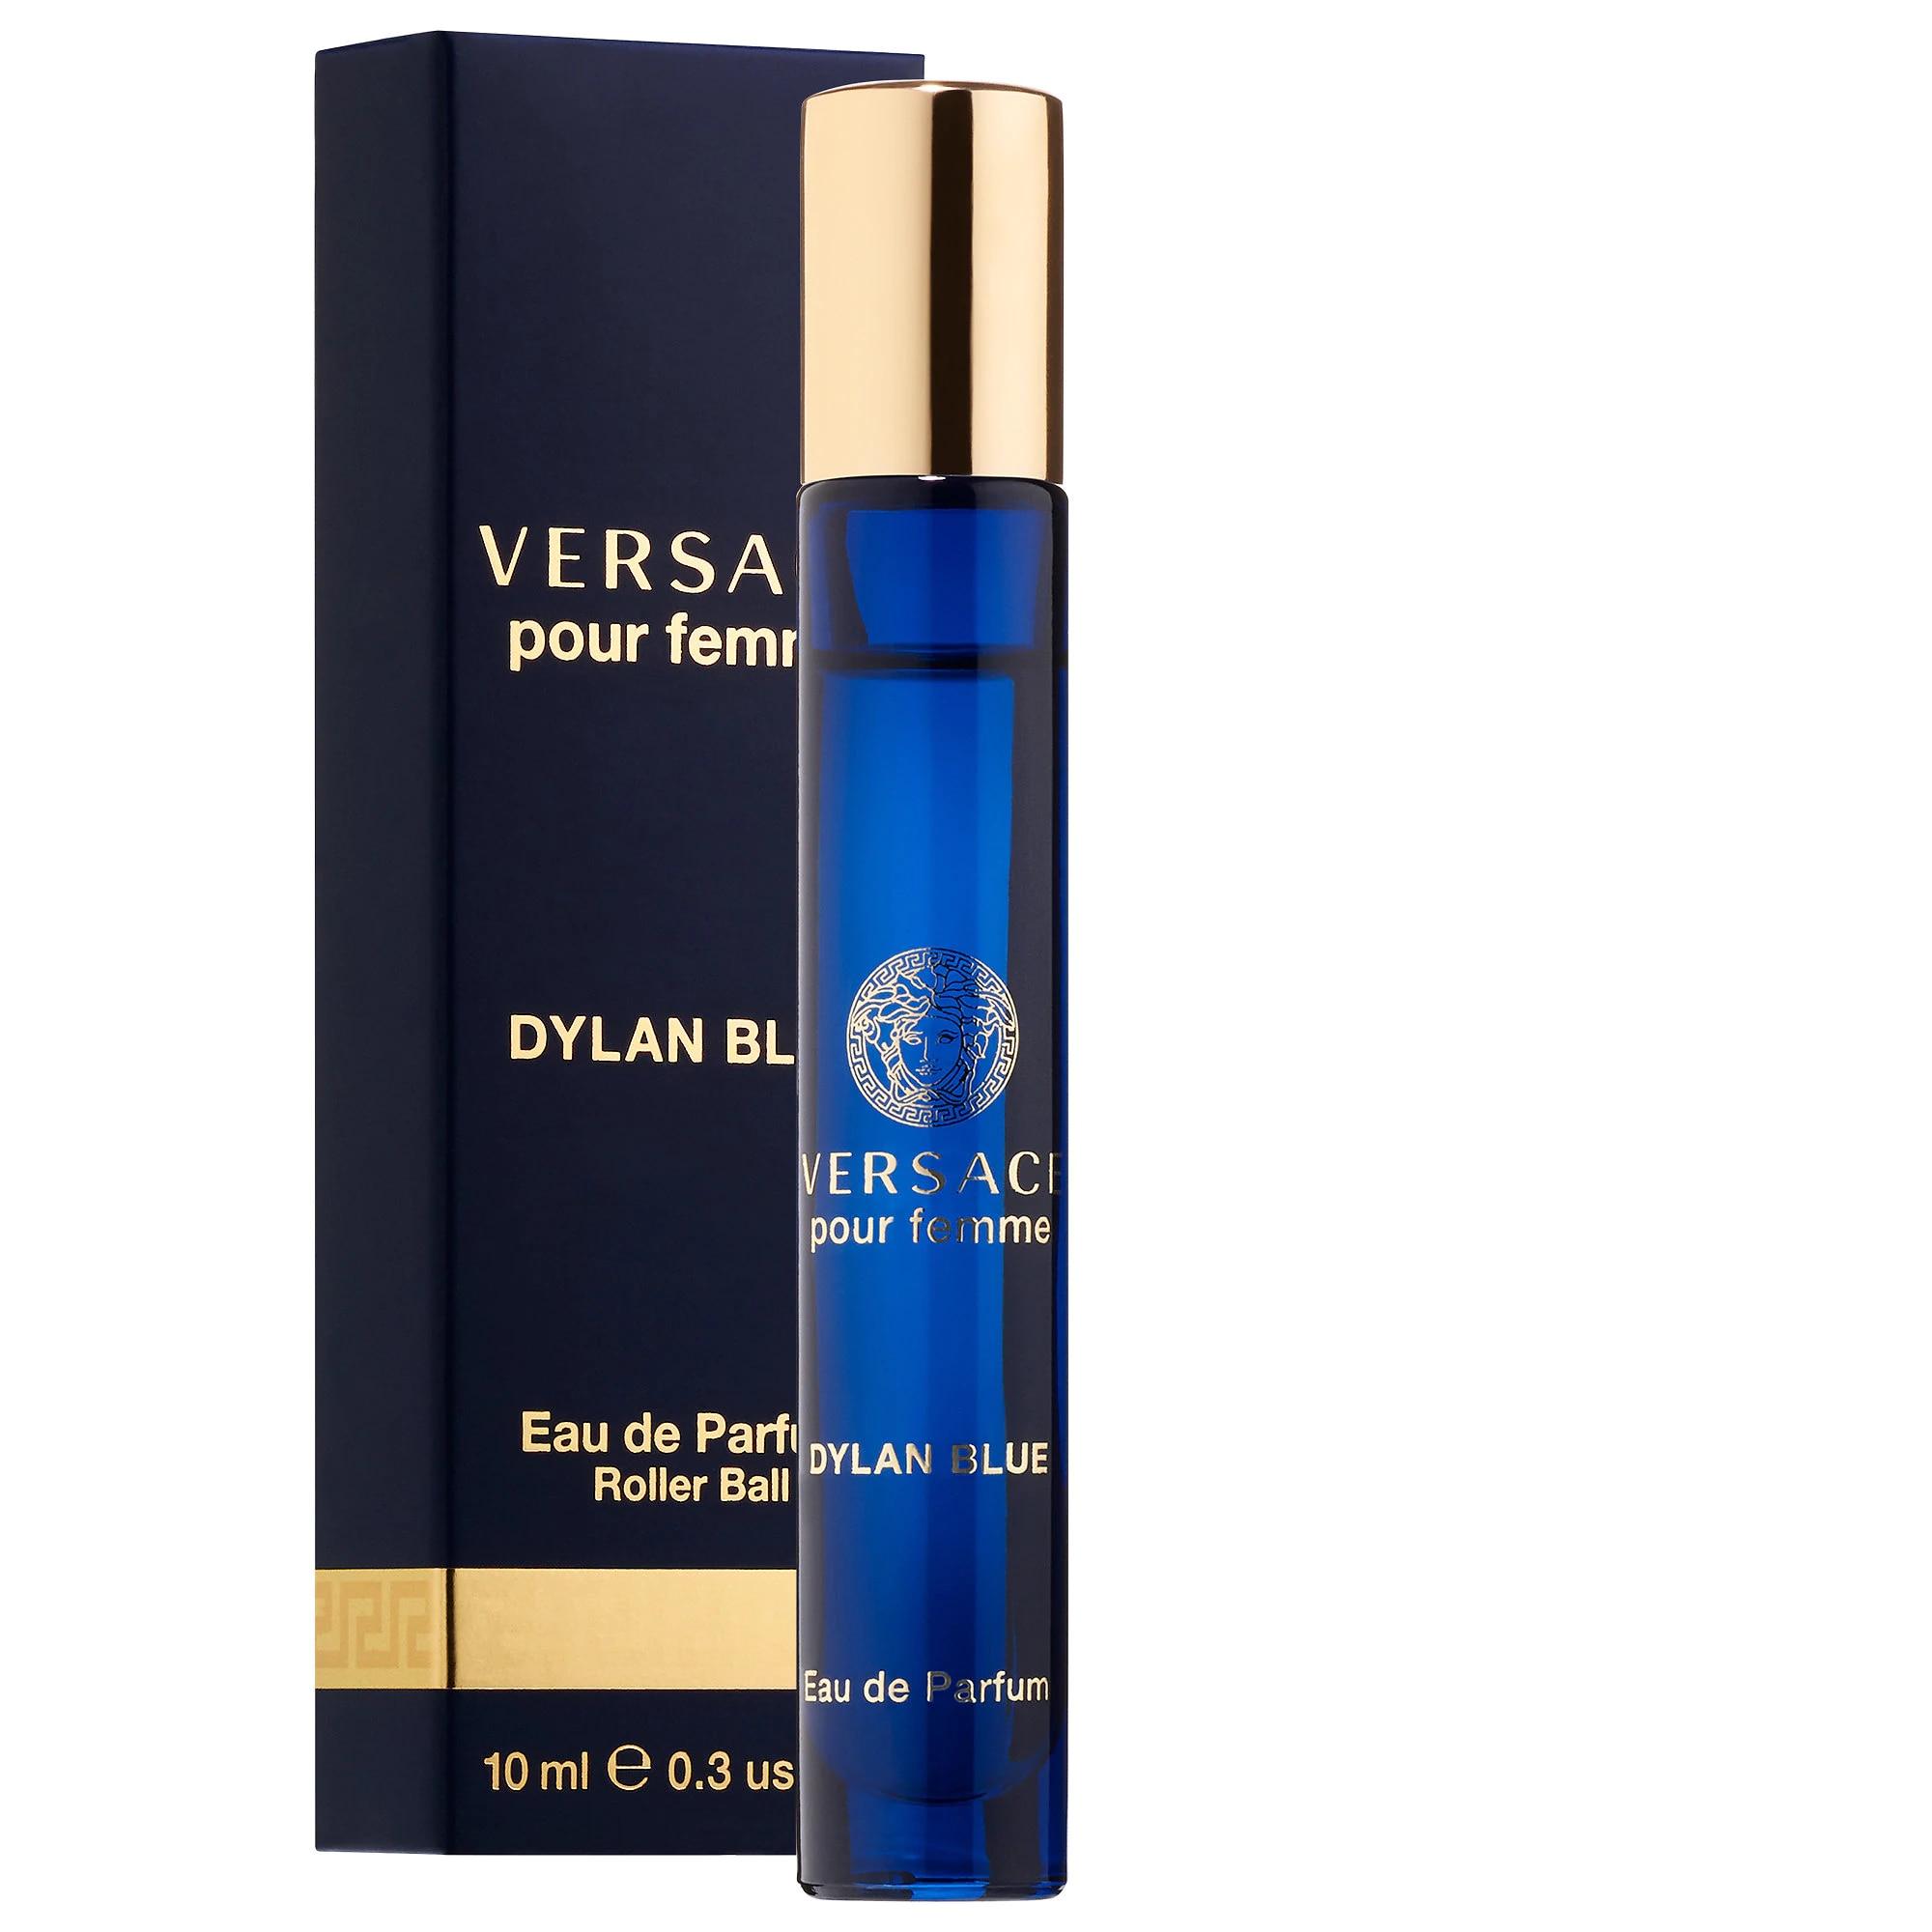 VERSACE DYLAN BLUE POUR FEMME ROLLER BALL 10ML